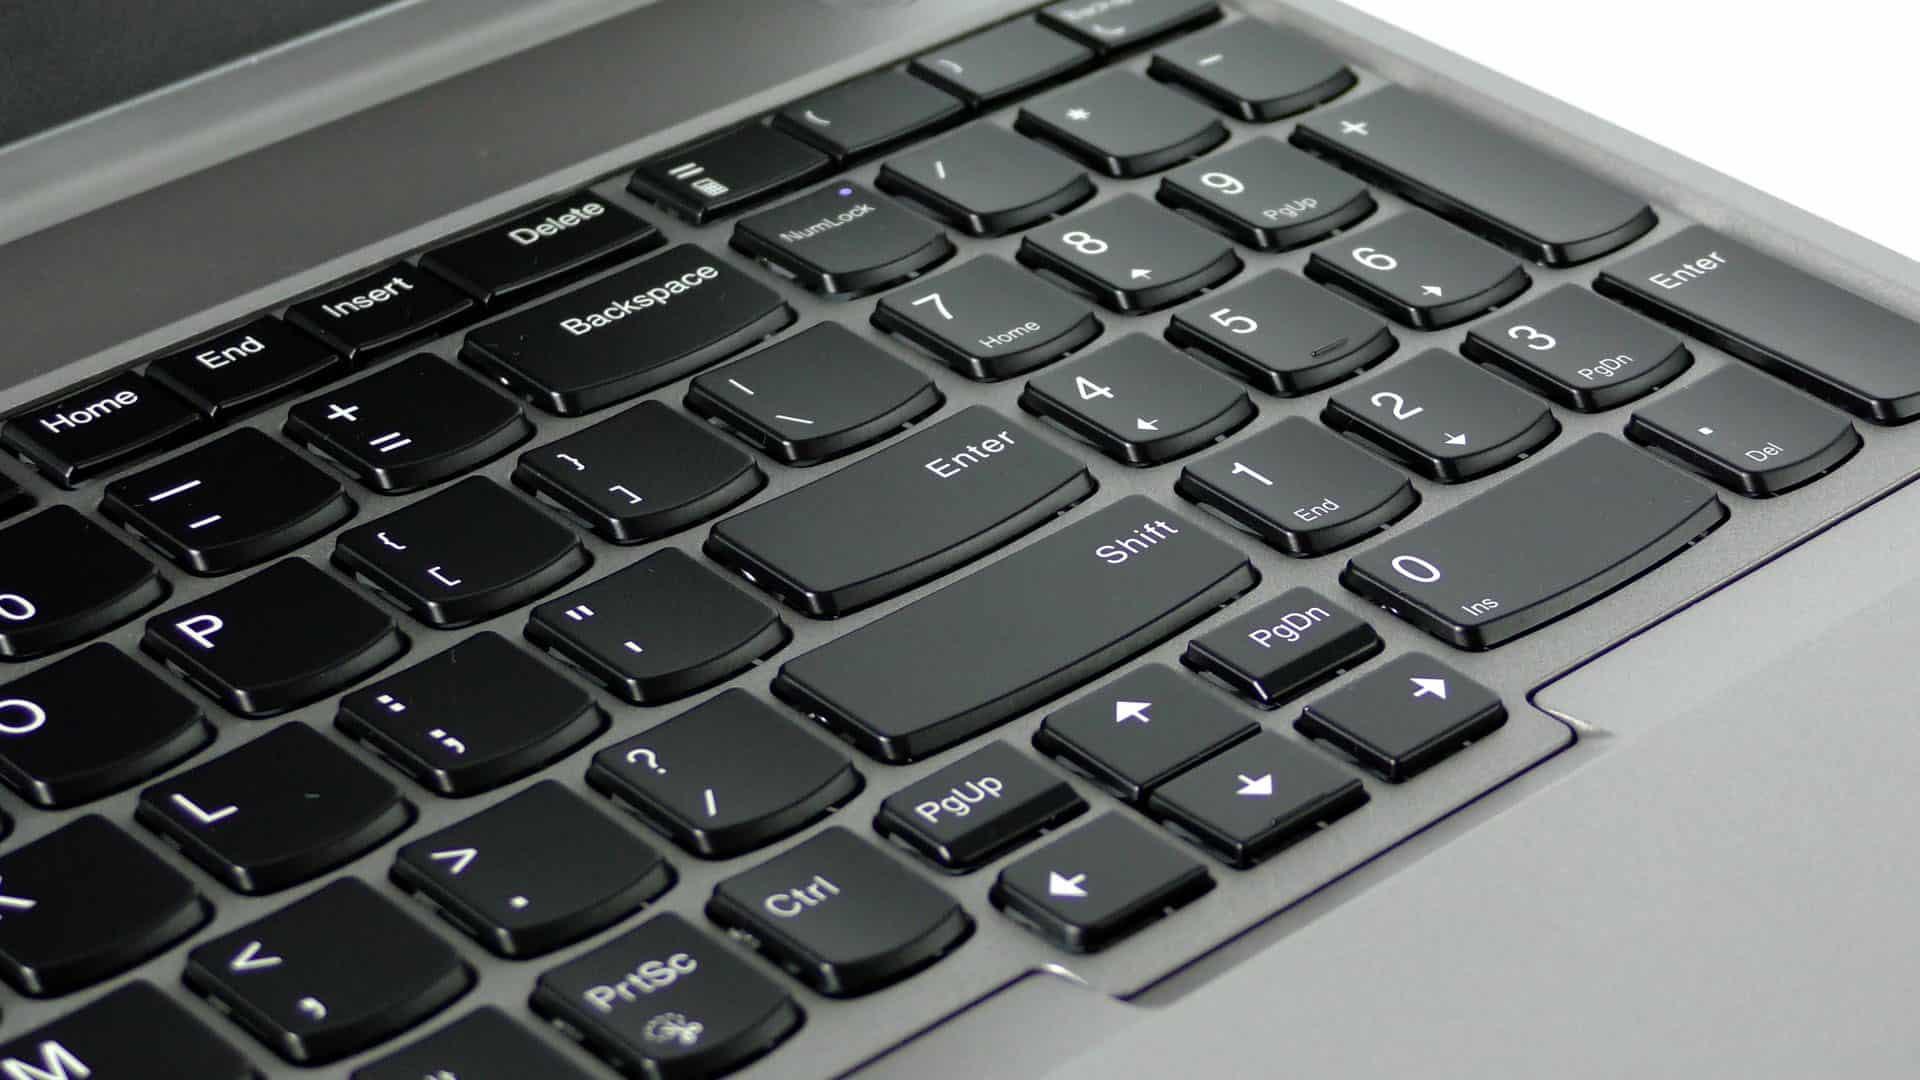 Lenovo ThinkPad E580 - klawiatura zblokiem numerycznym